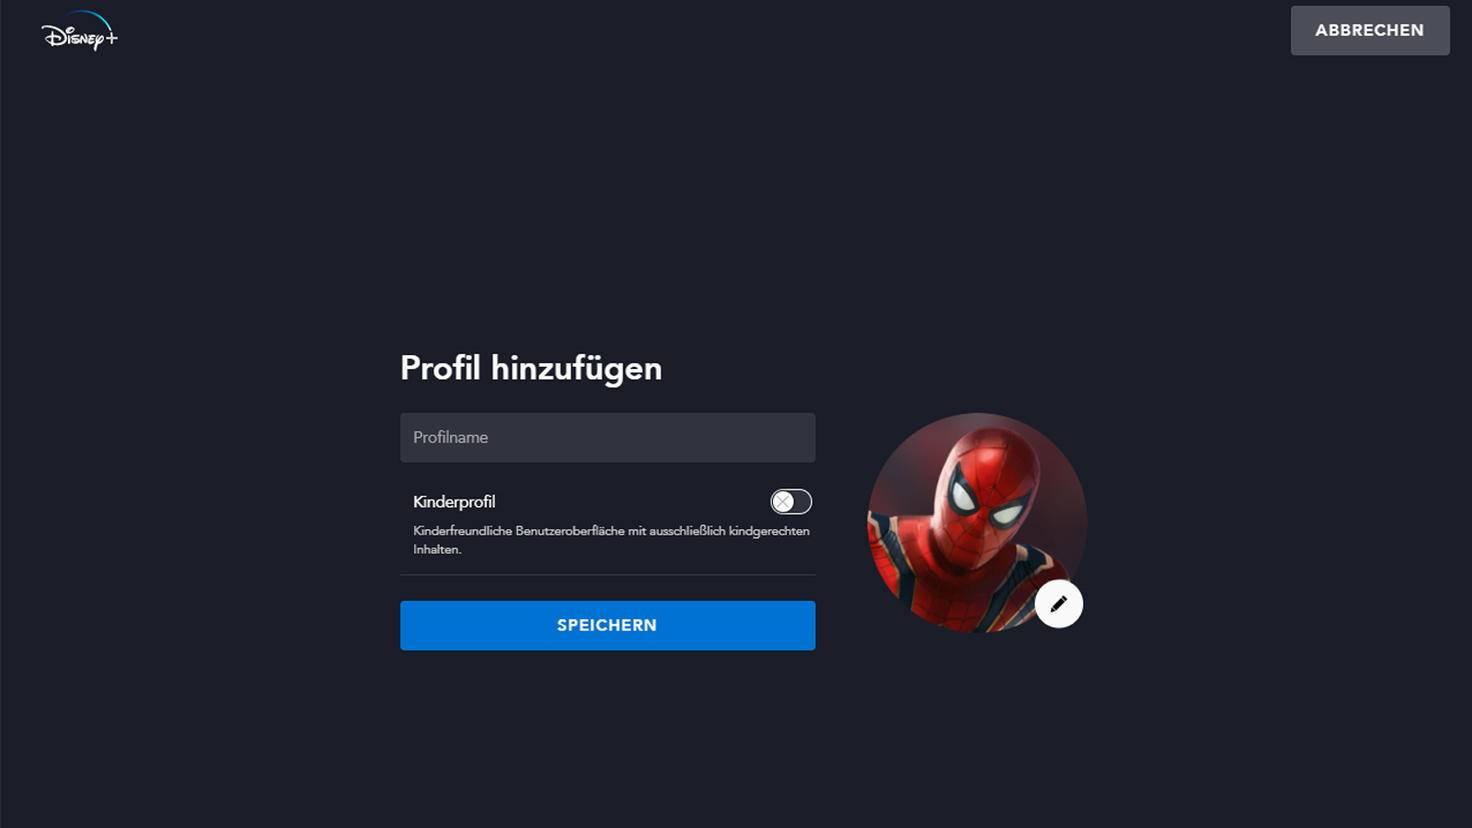 Profil hinzufügen